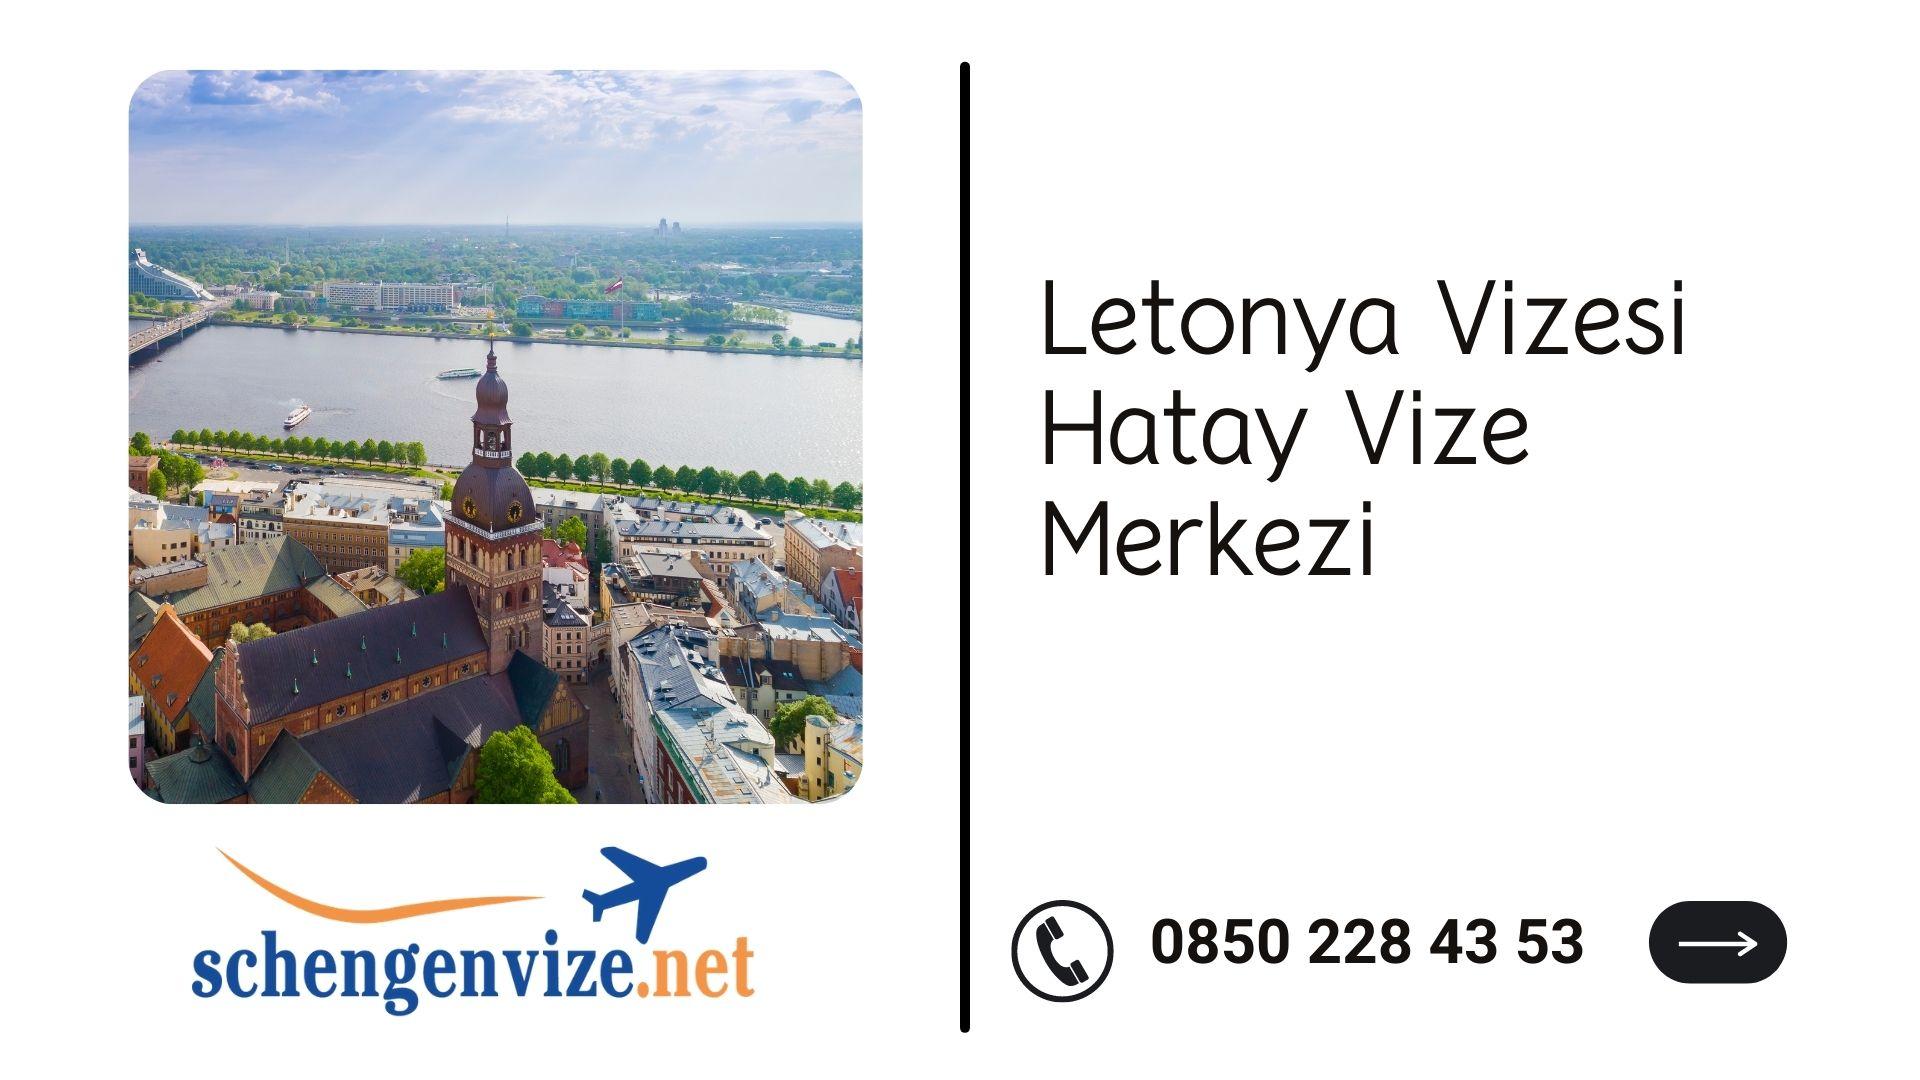 Letonya Vizesi Hatay Vize Merkezi